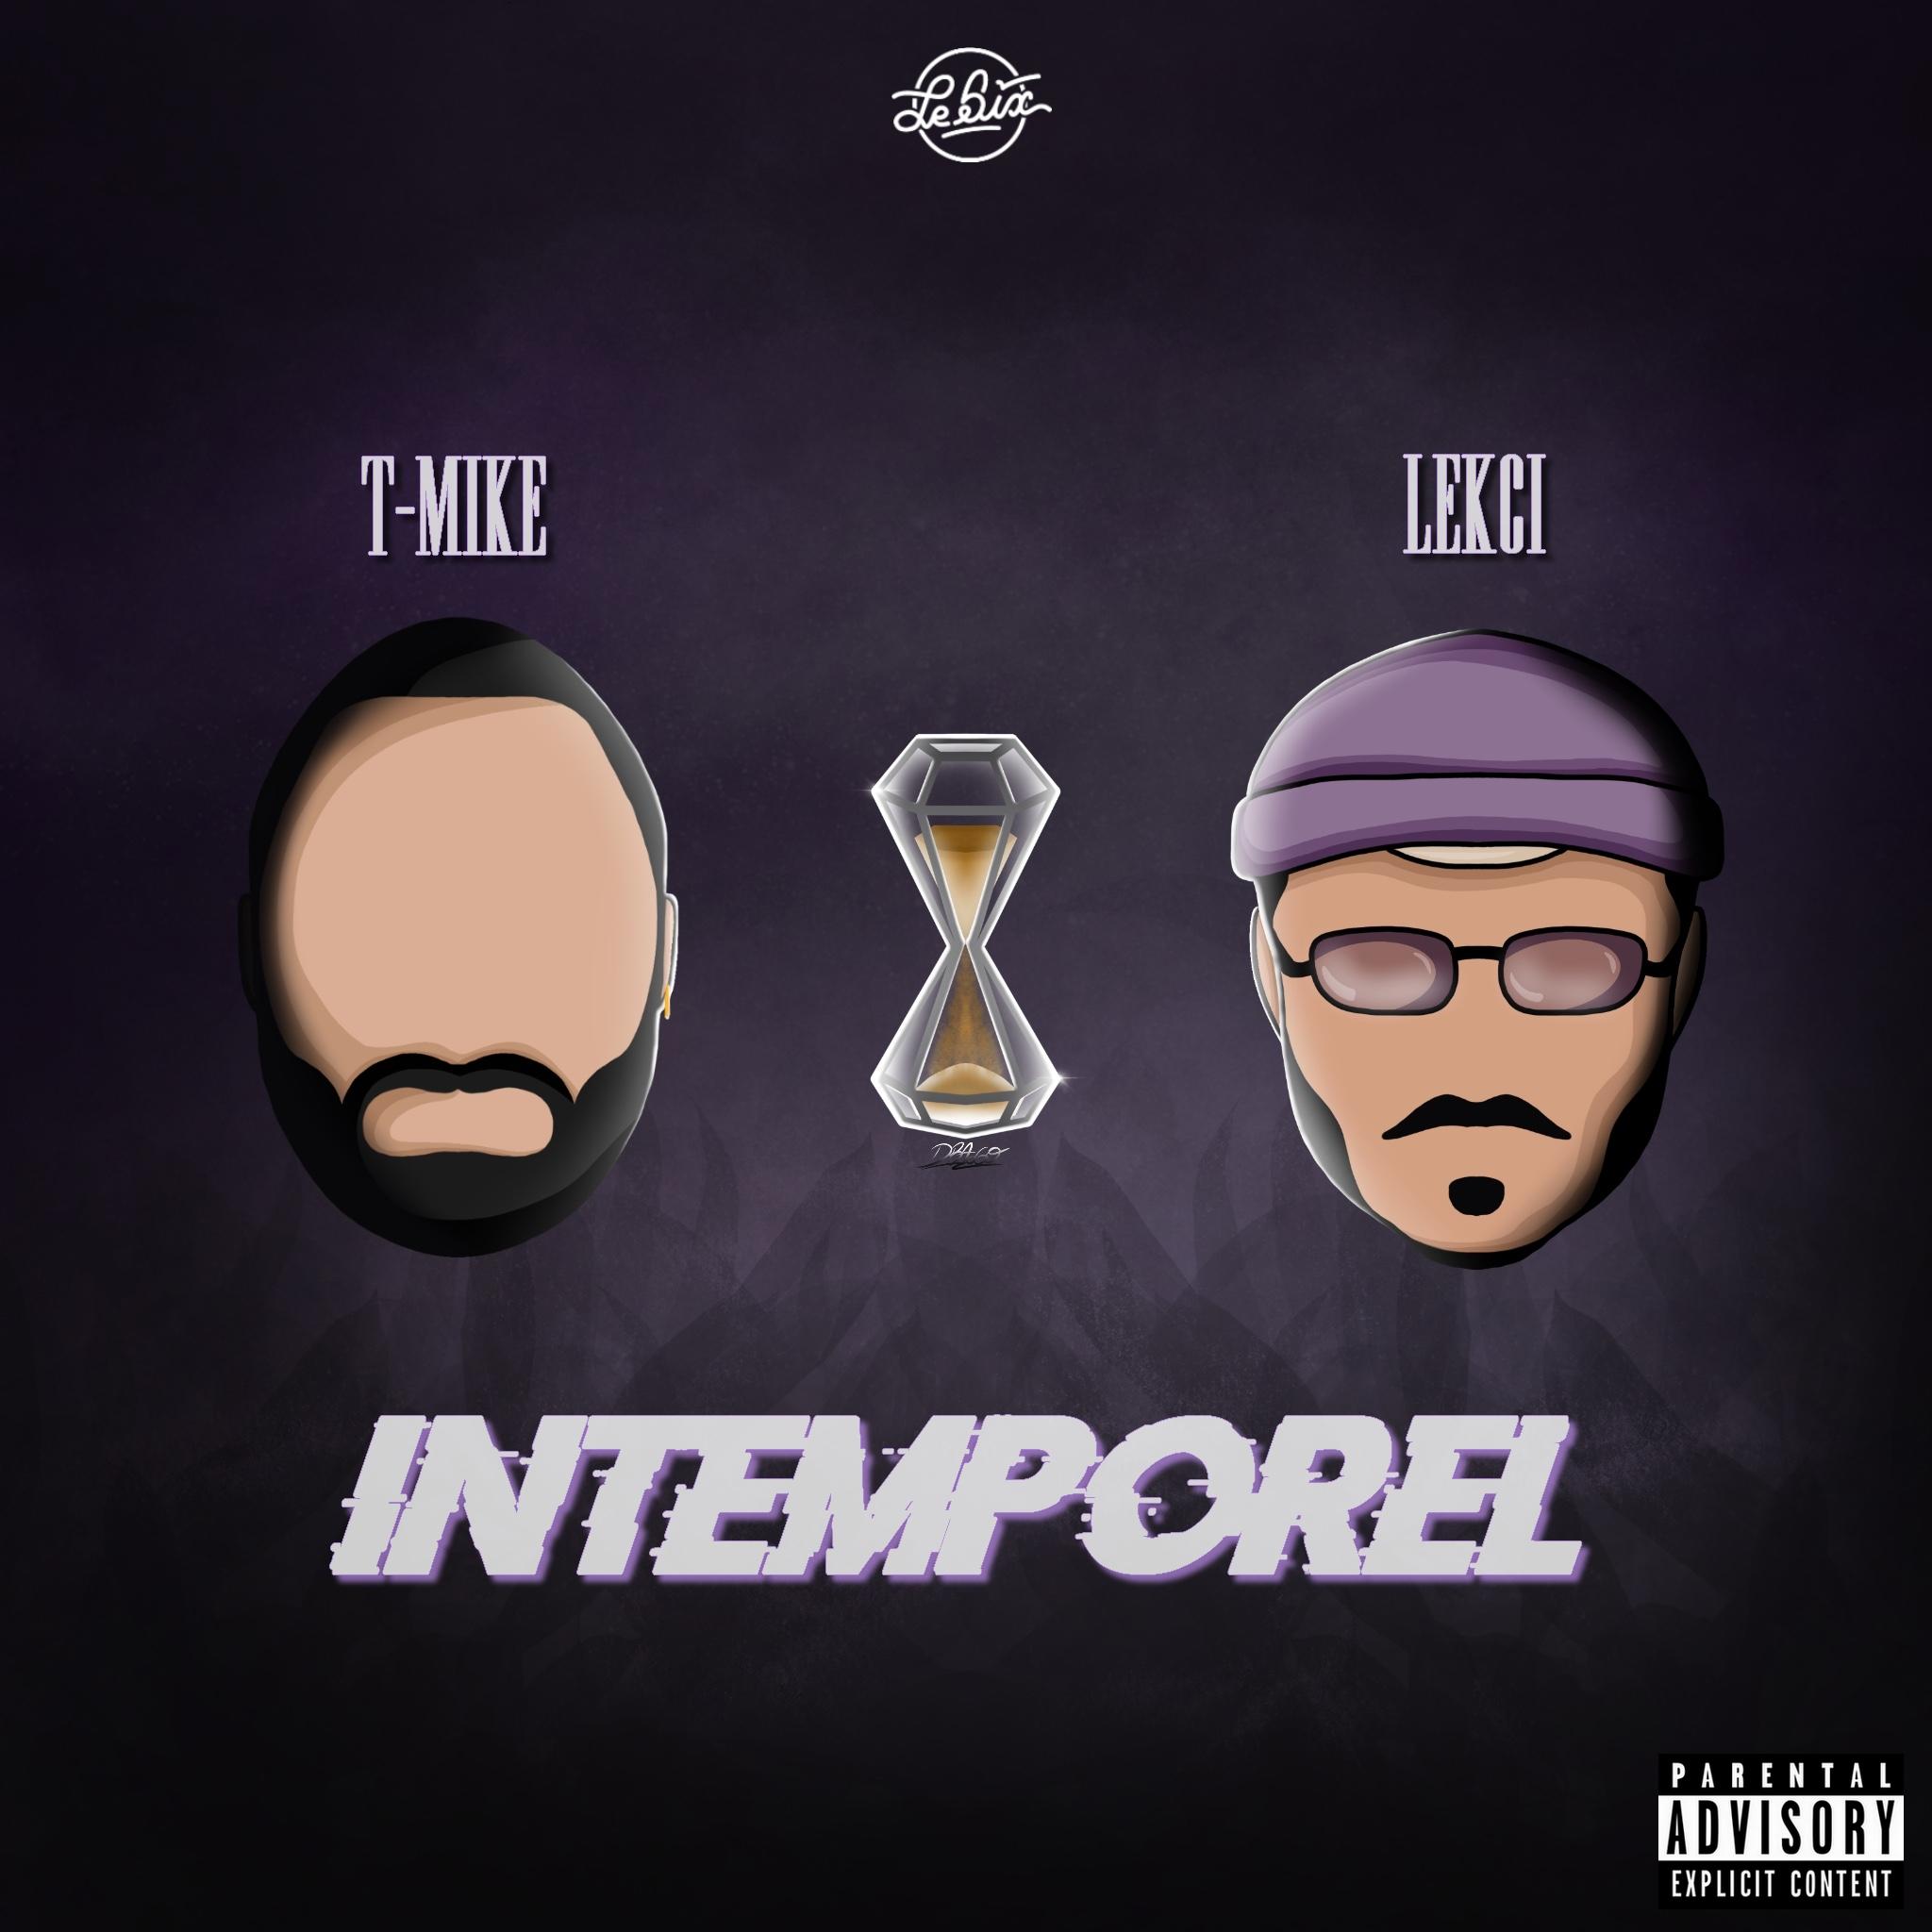 Photo du cover de l'EP Intemporel de T-Mike et Lekci